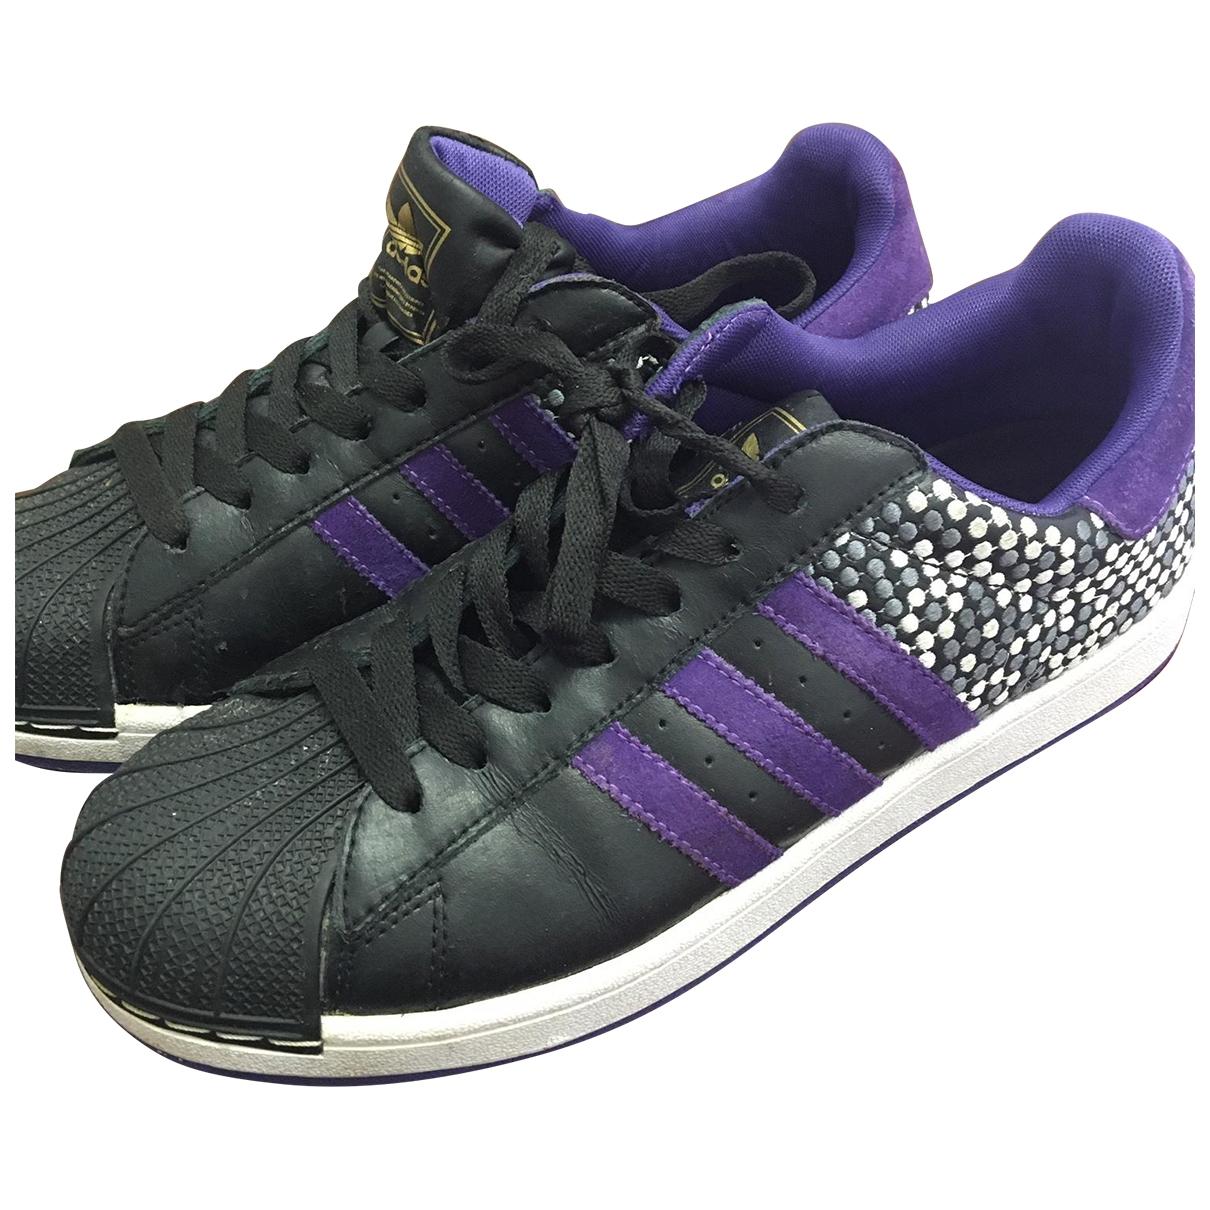 Adidas - Baskets Superstar pour homme en cuir - noir